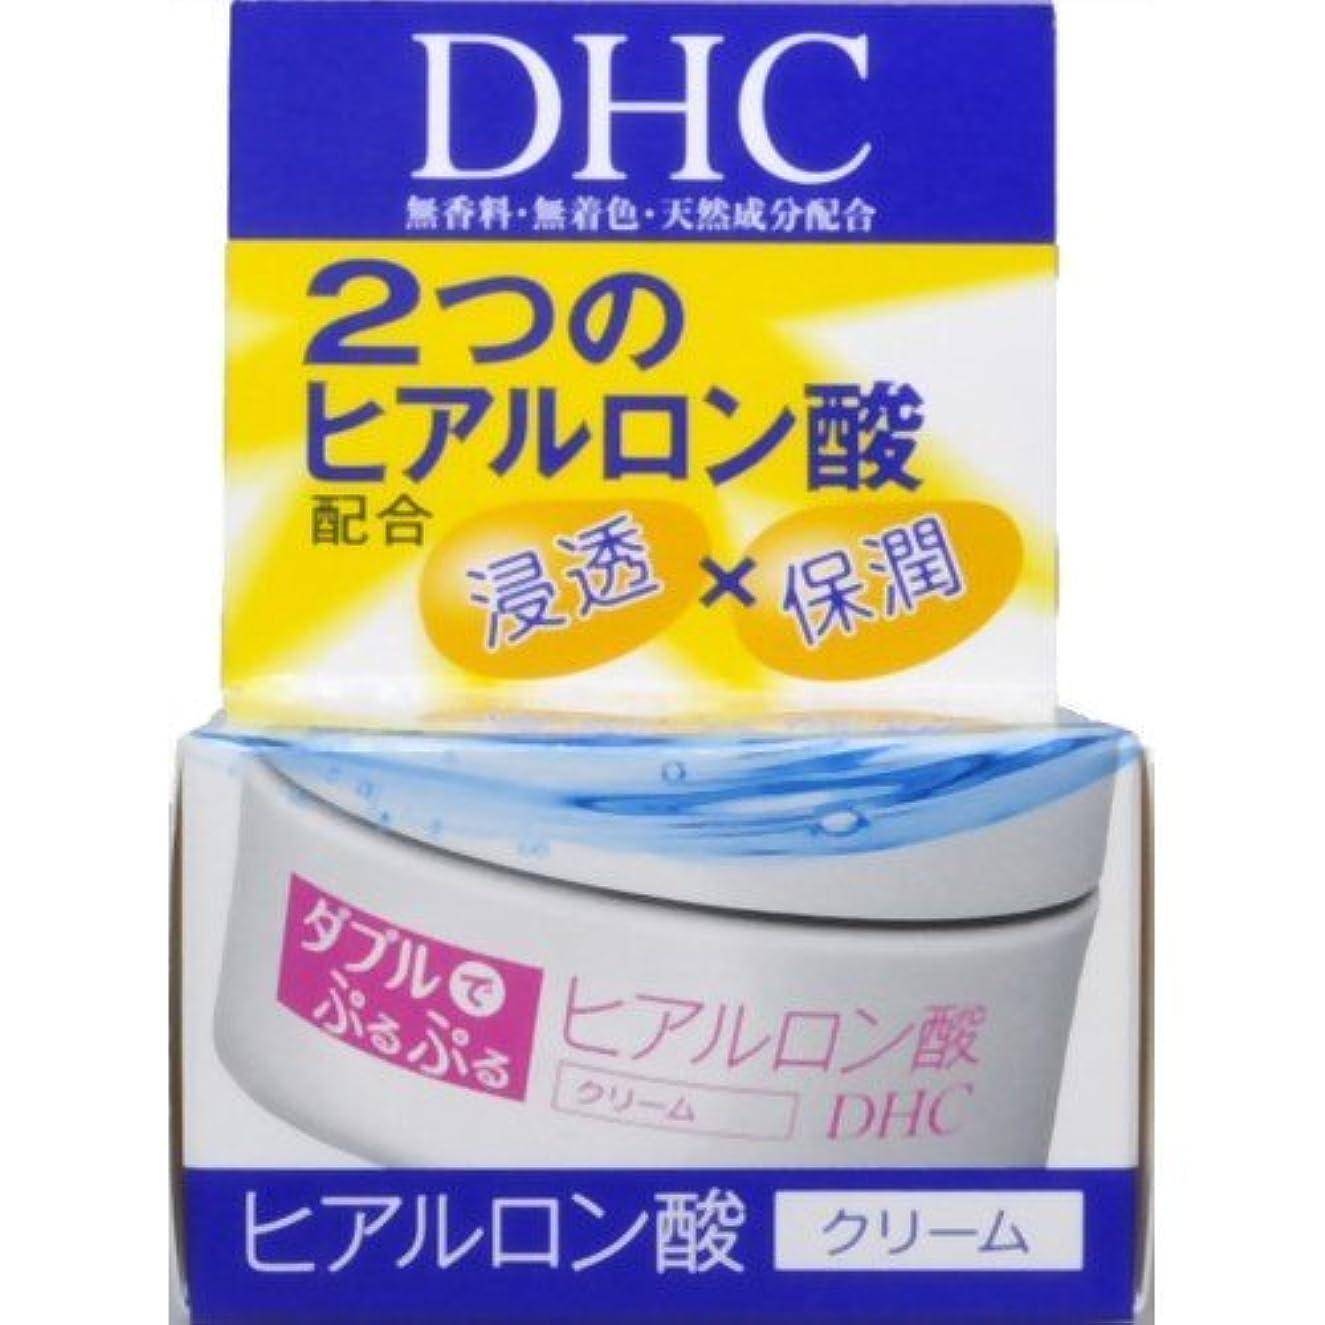 タクトデクリメント寝てるDHC ダブルモイスチュアクリーム 50g